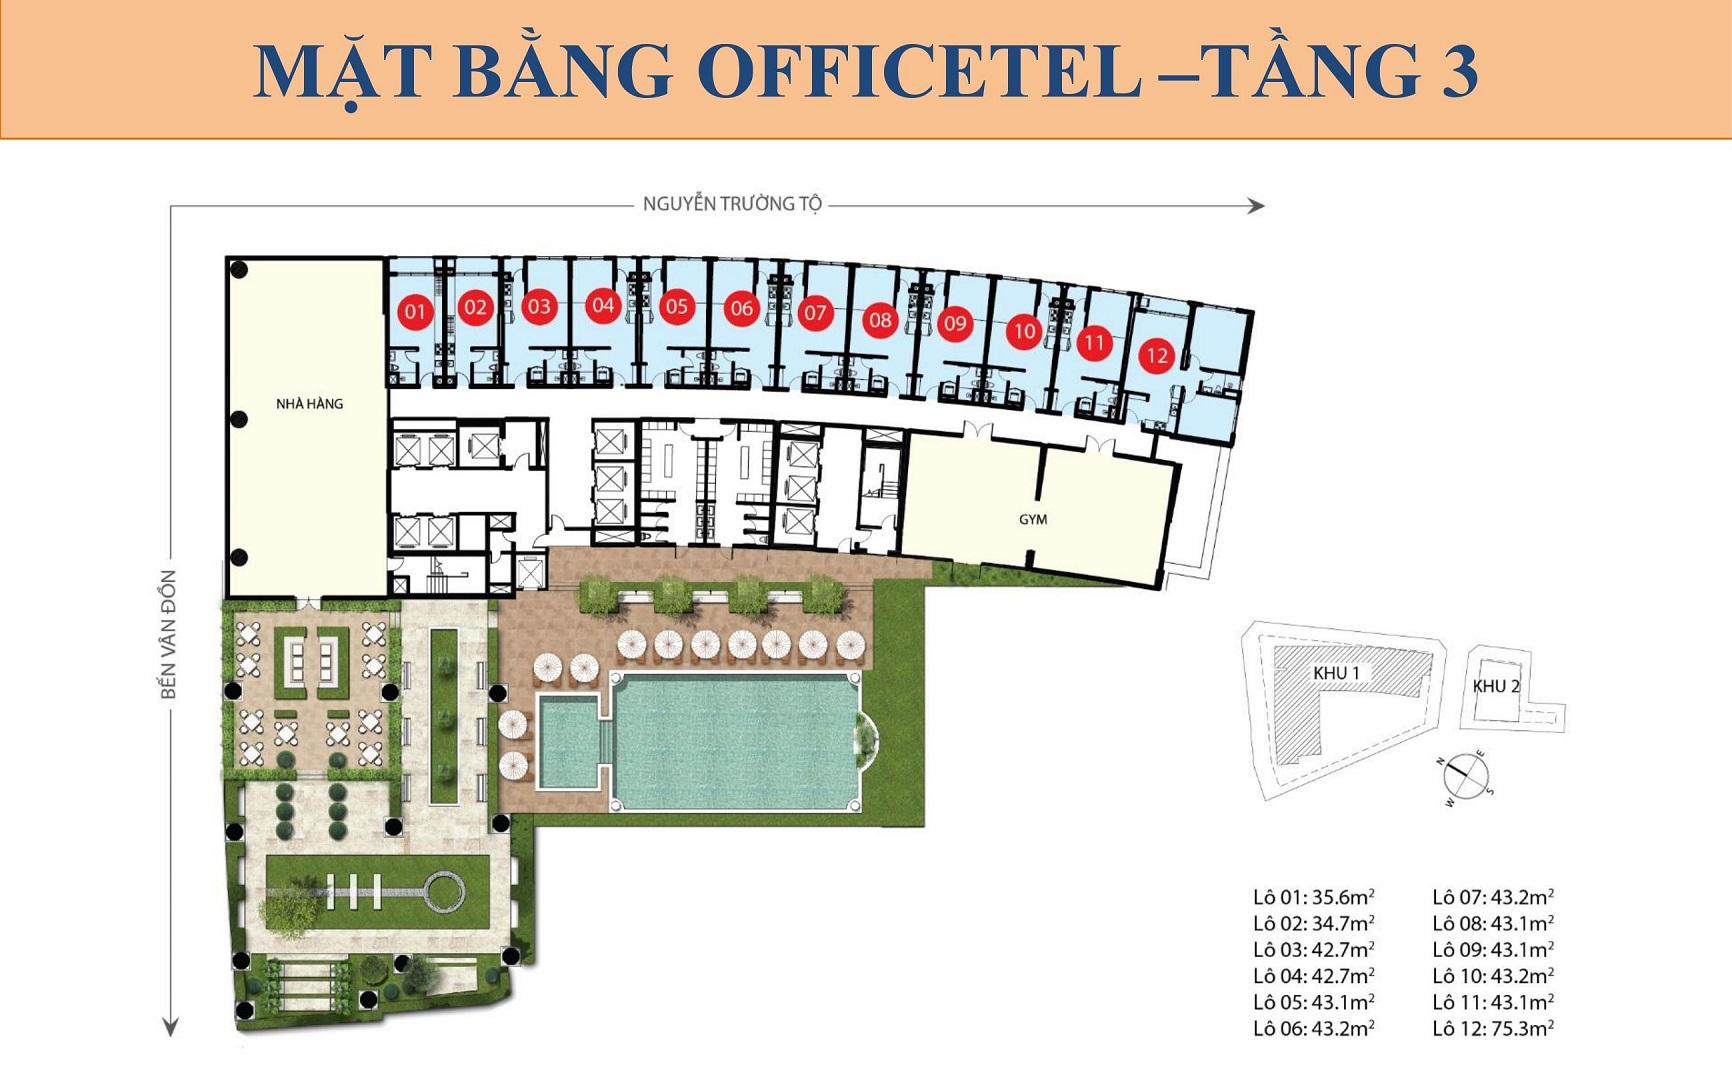 mat-bang-saigon-royal-residence-2